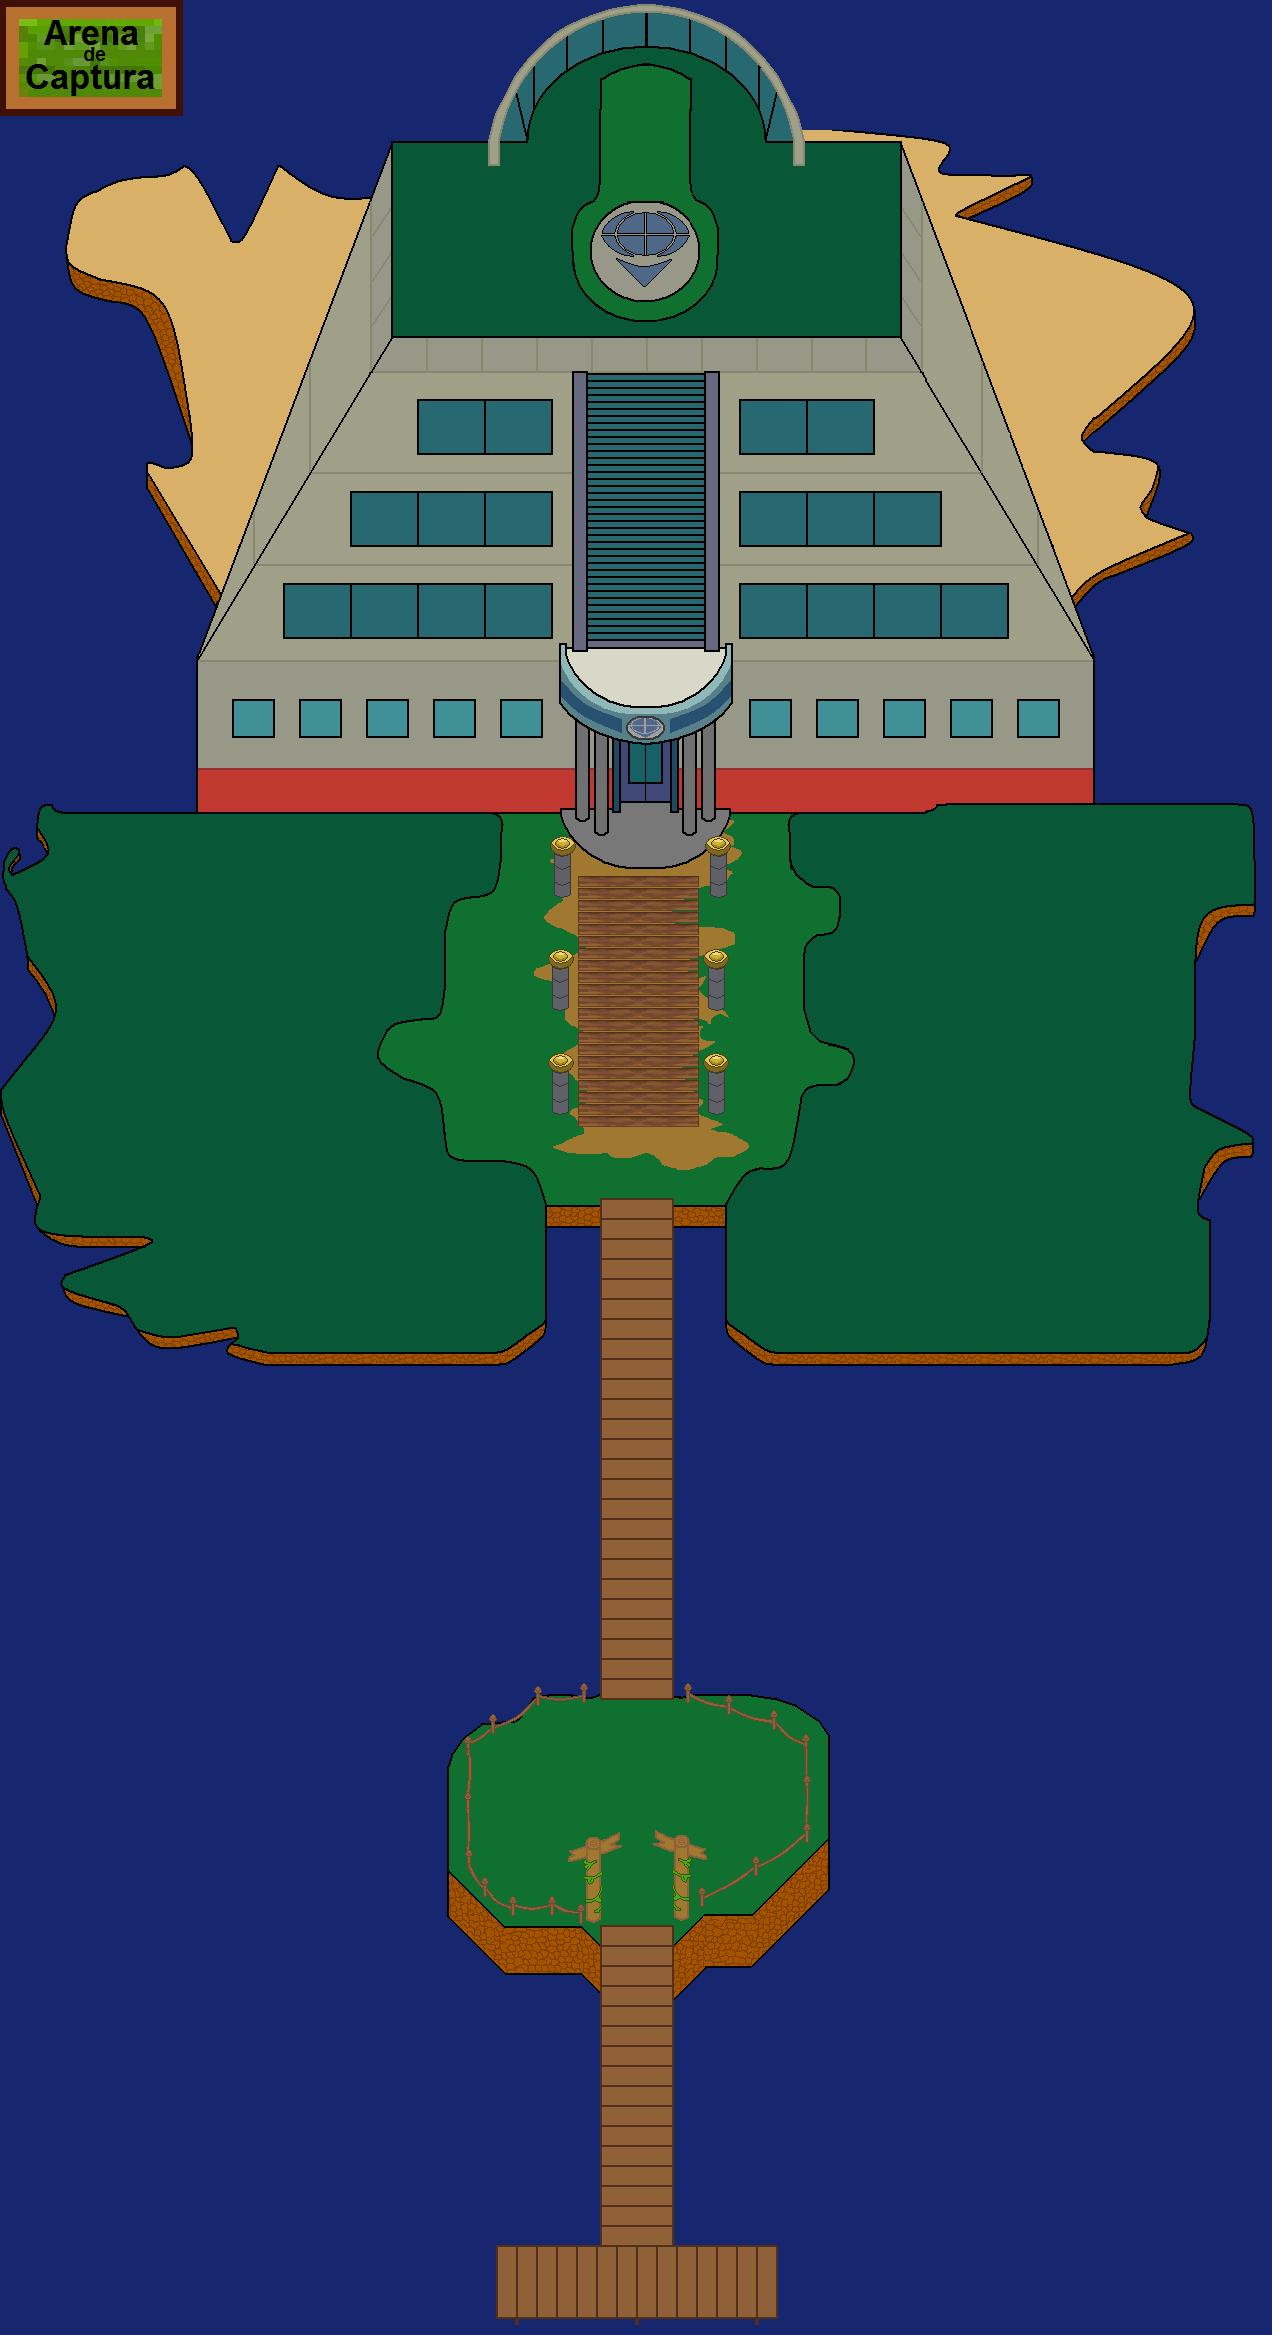 Plano de Arena de Captura